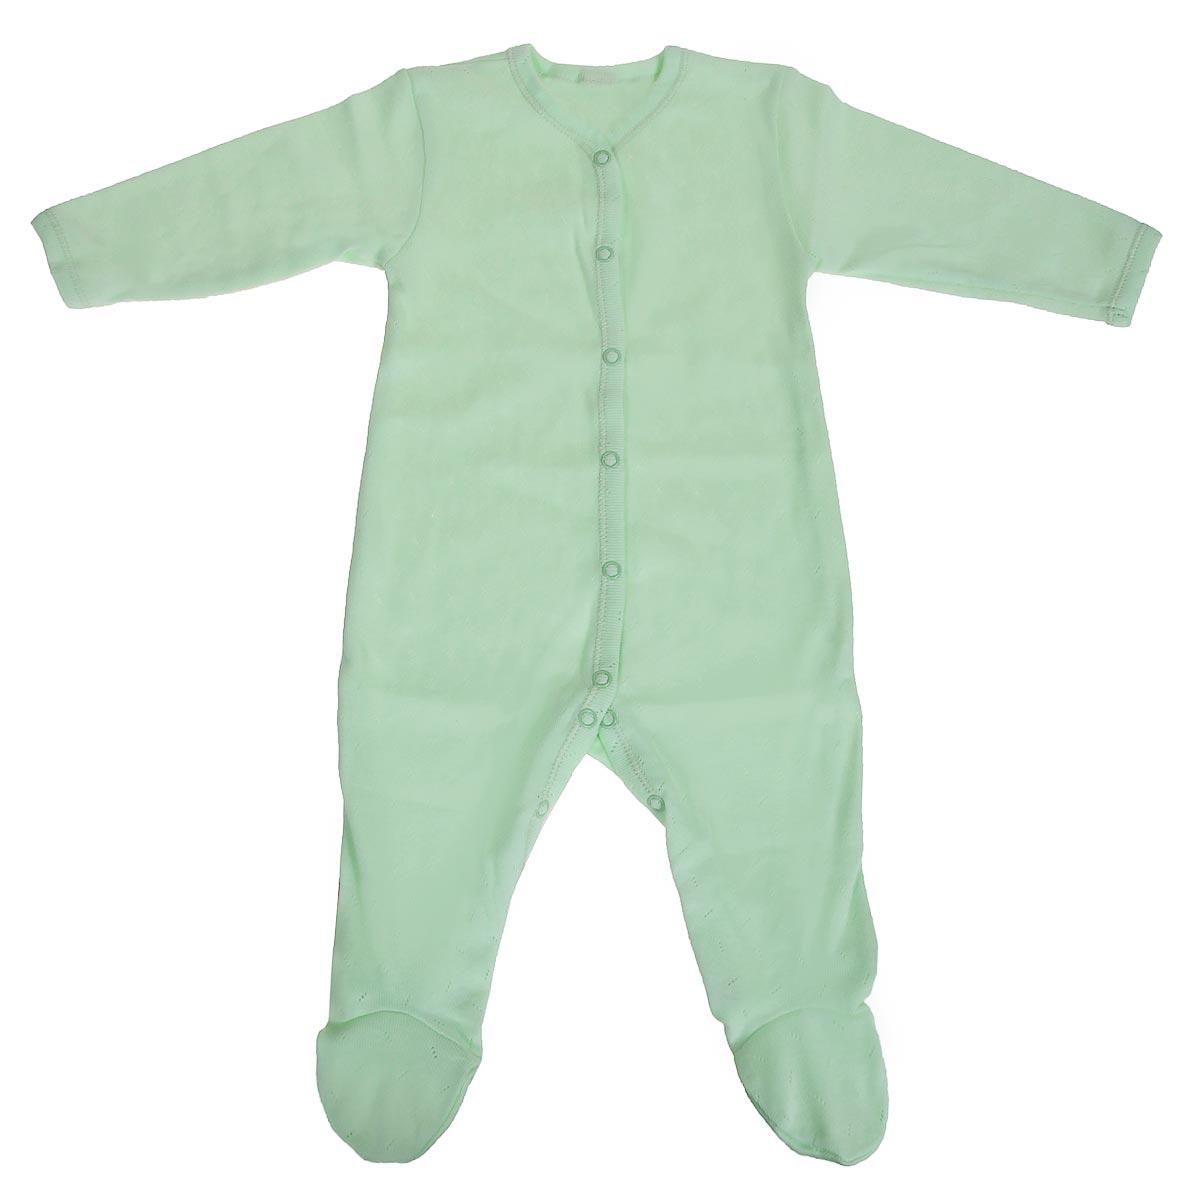 Комбинезон детский Lucky Child Ажур, цвет: зеленый. 0-12. Размер 62/680-12Детский комбинезон Lucky Child - очень удобный и практичный вид одежды для малышей. Комбинезон выполнен из натурального хлопка, благодаря чему он необычайно мягкий и приятный на ощупь, не раздражают нежную кожу ребенка и хорошо вентилируются, а эластичные швы приятны телу малыша и не препятствуют его движениям. Комбинезон с длинными рукавами и закрытыми ножками имеет застежки-кнопки от горловины до щиколоток, которые помогают легко переодеть младенца или сменить подгузник.Модель выполнена из ткани с ажурным узором. С детским комбинезоном Lucky Child спинка и ножки вашего малыша всегда будут в тепле, он идеален для использования днем и незаменим ночью. Комбинезон полностью соответствует особенностям жизни младенца в ранний период, не стесняя и не ограничивая его в движениях!